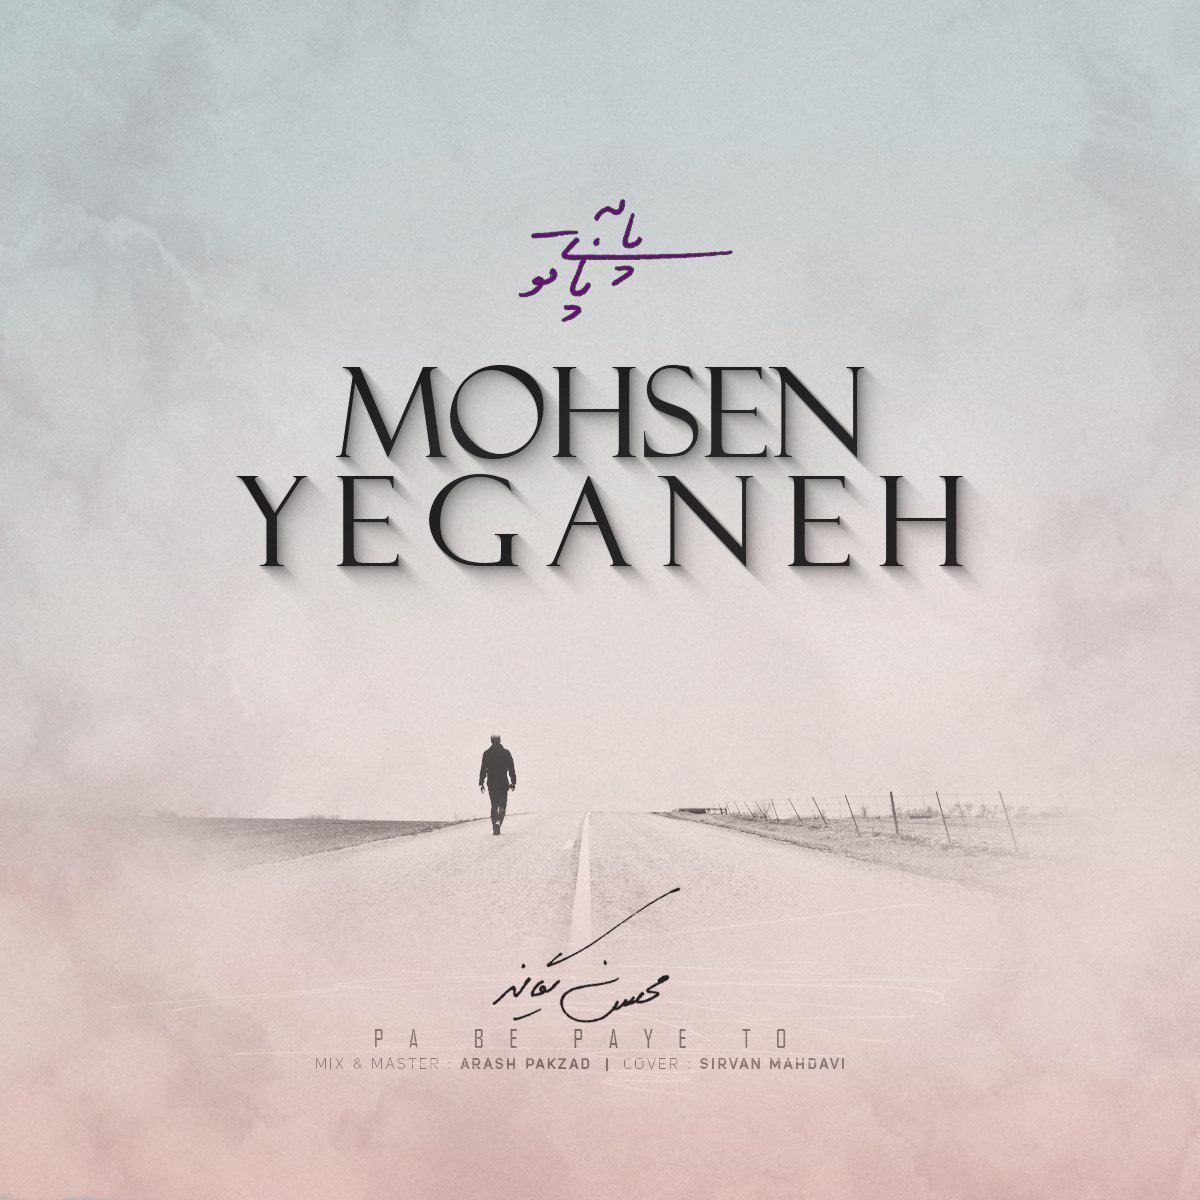 (Mohsen Yeganeh  Pa Be Paye To (Electronic Version